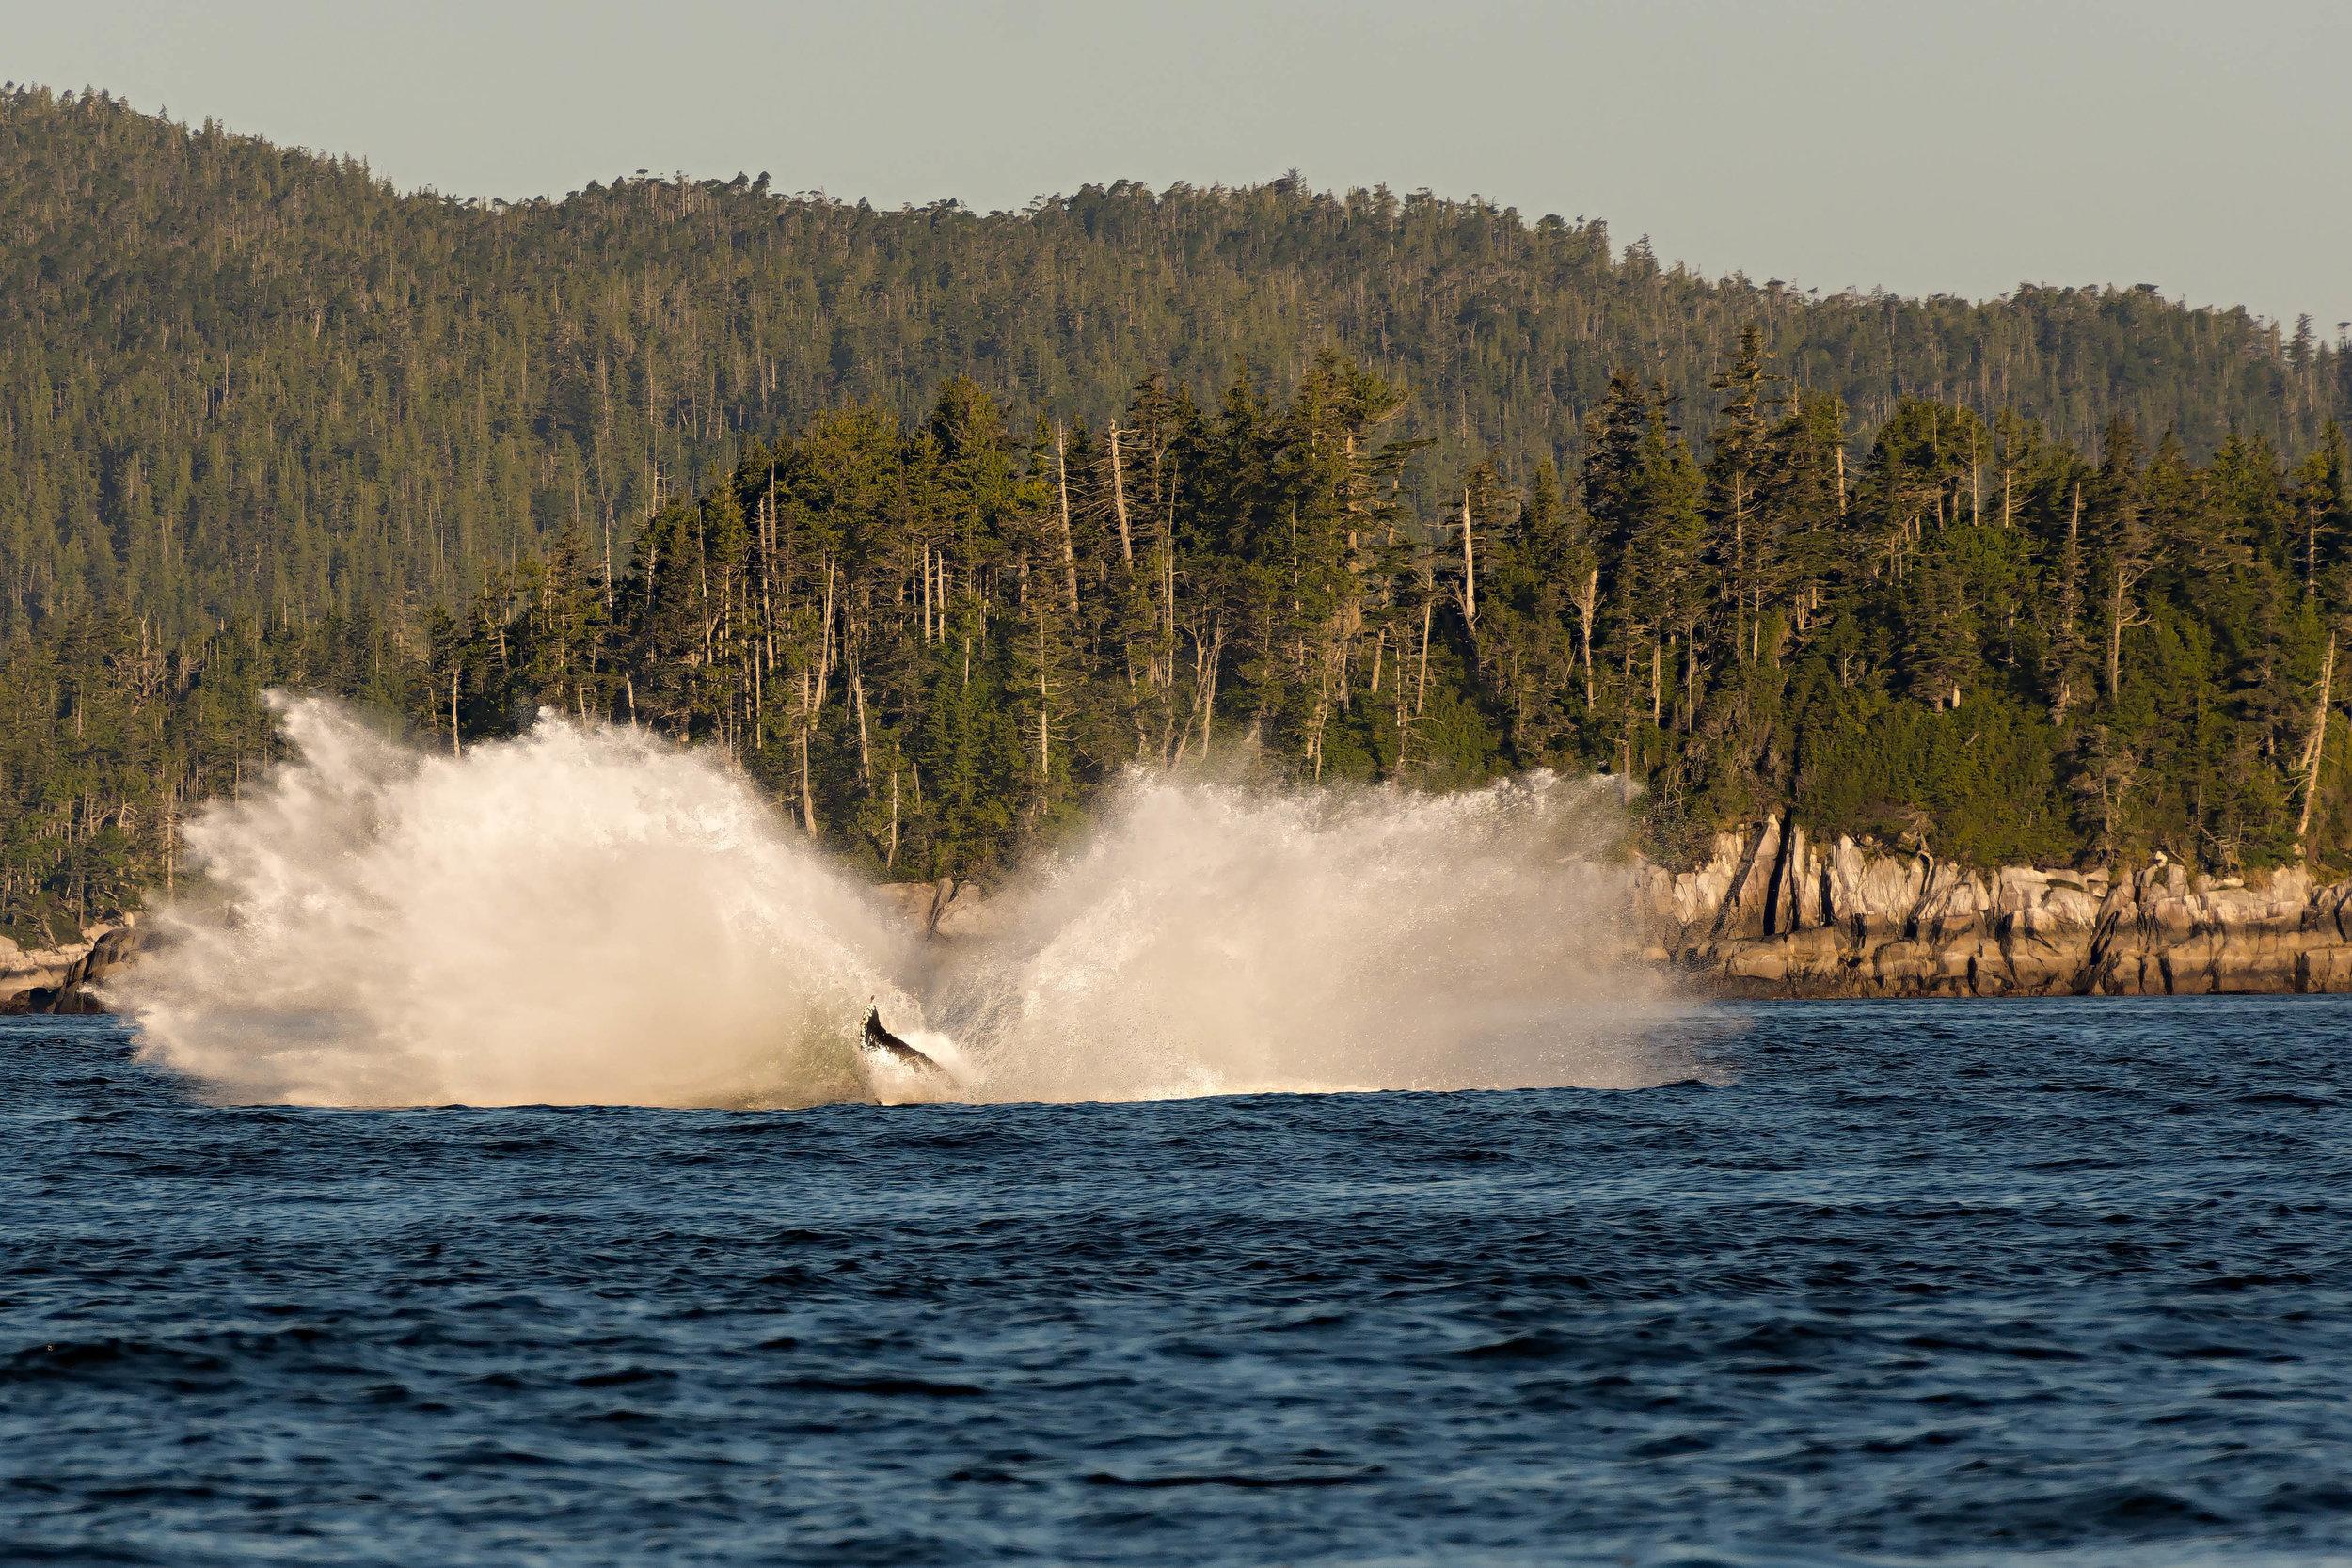 And a huge splash!